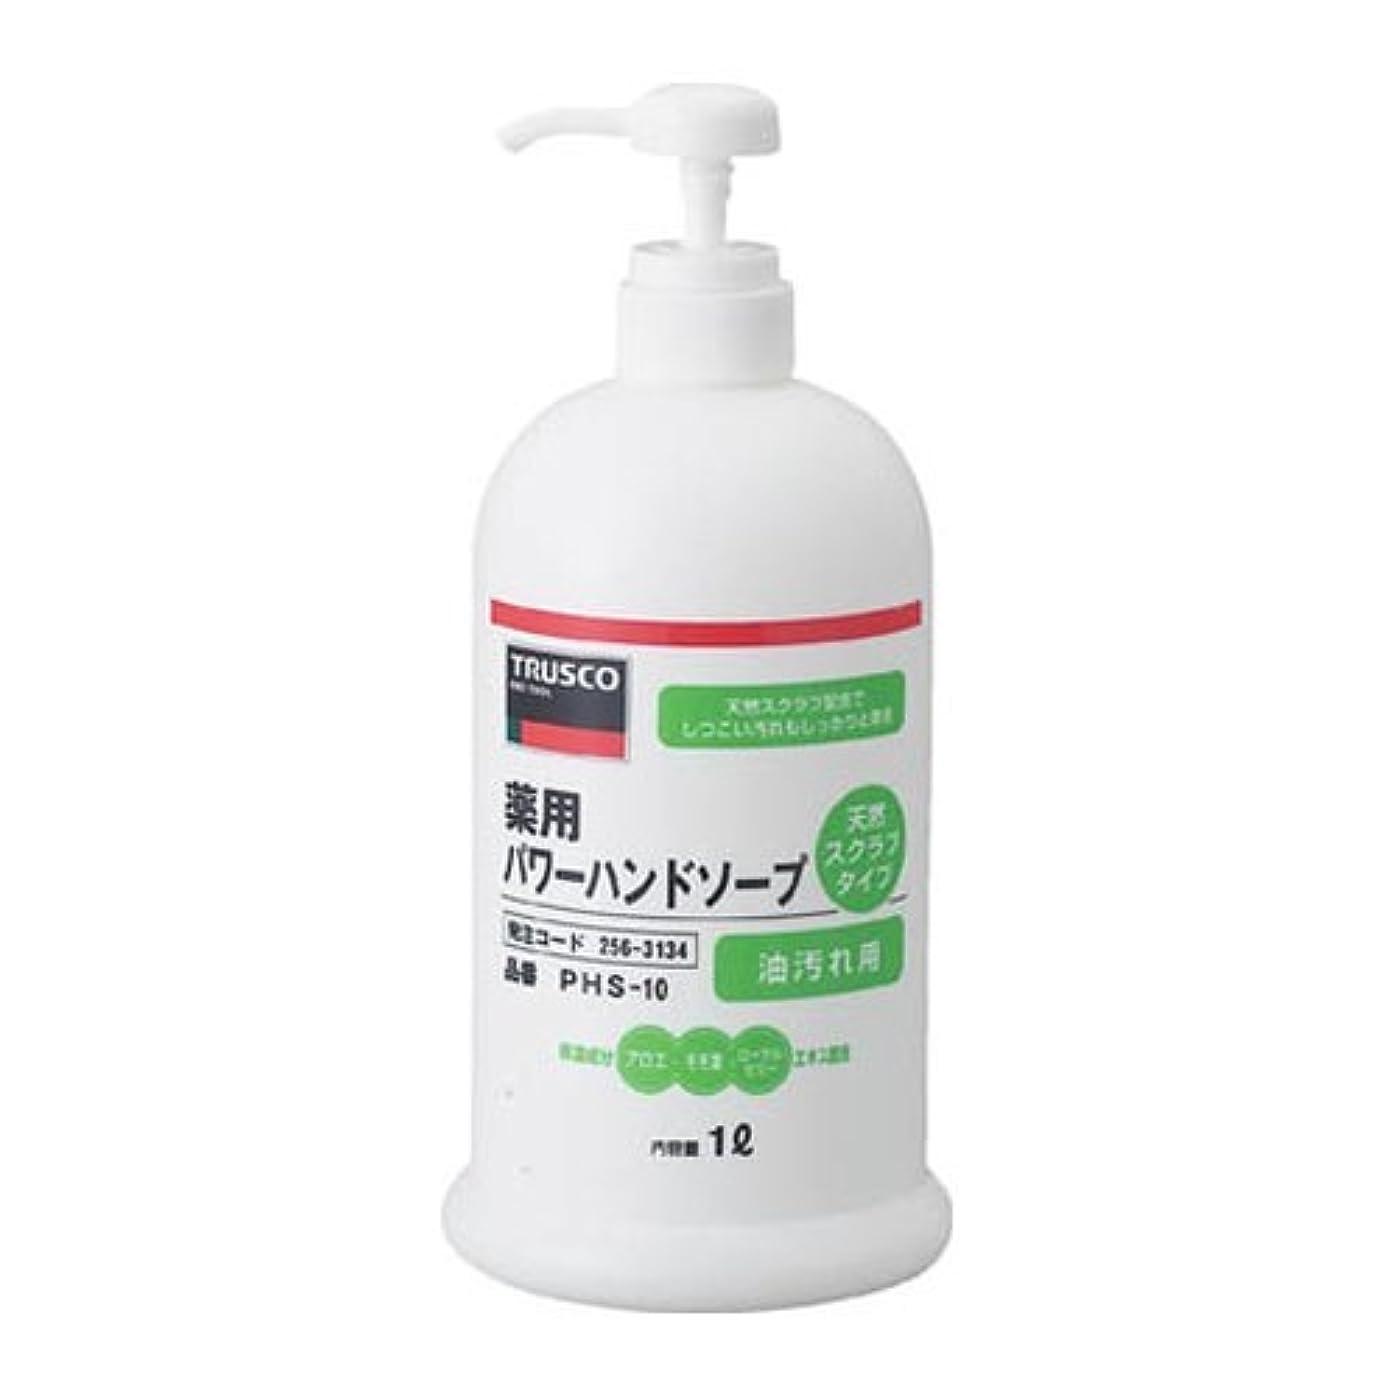 ほこりミスペンド毎回TRUSCO 薬用パワーハンドソープポンプボトル1.0L